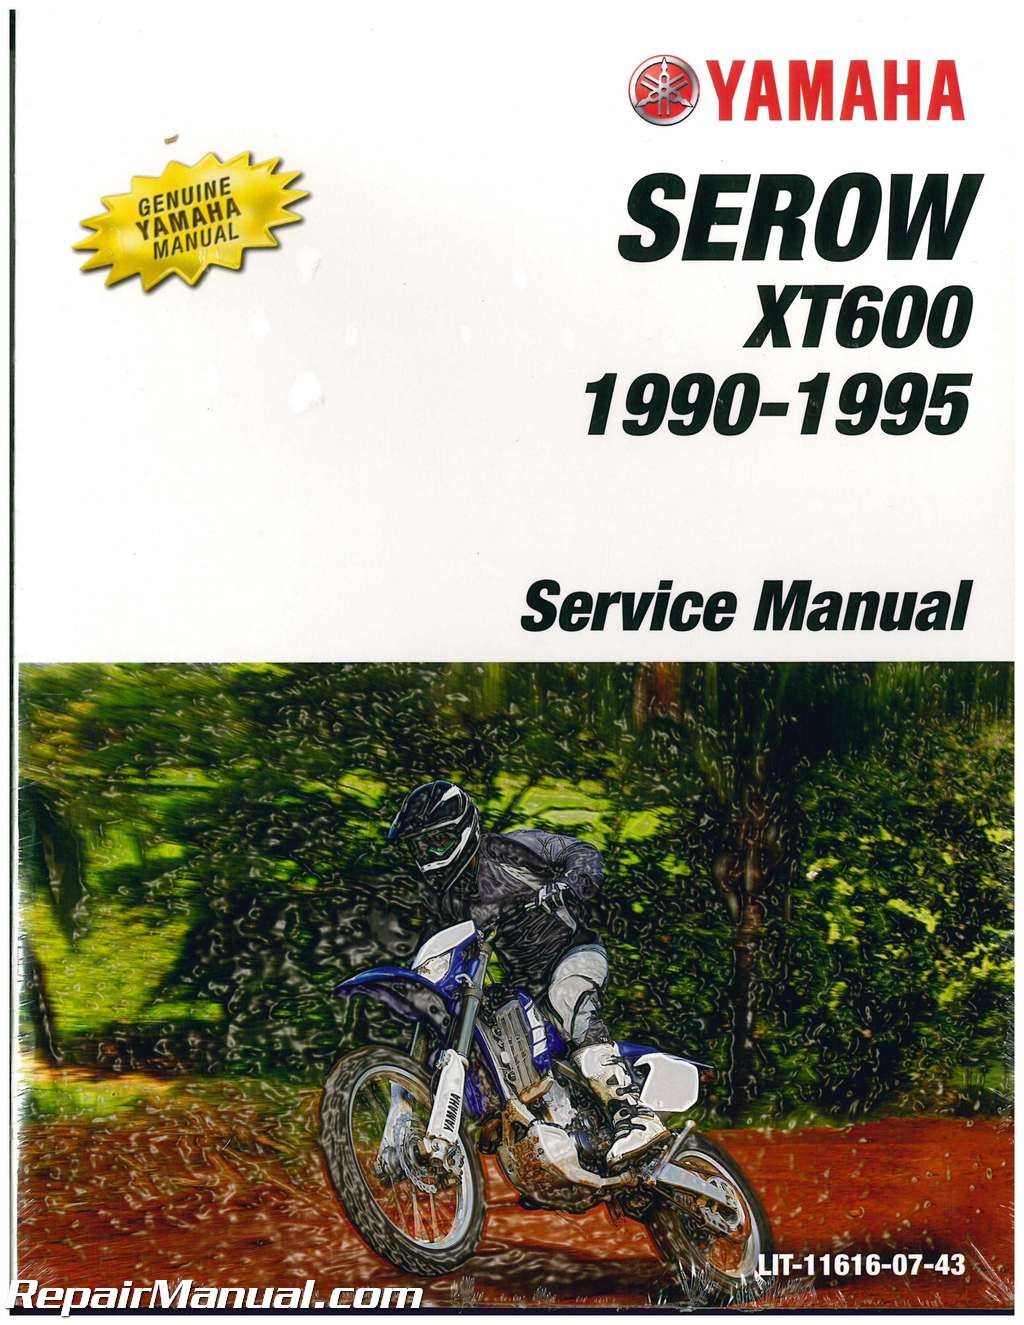 dt 175 workshop manual free